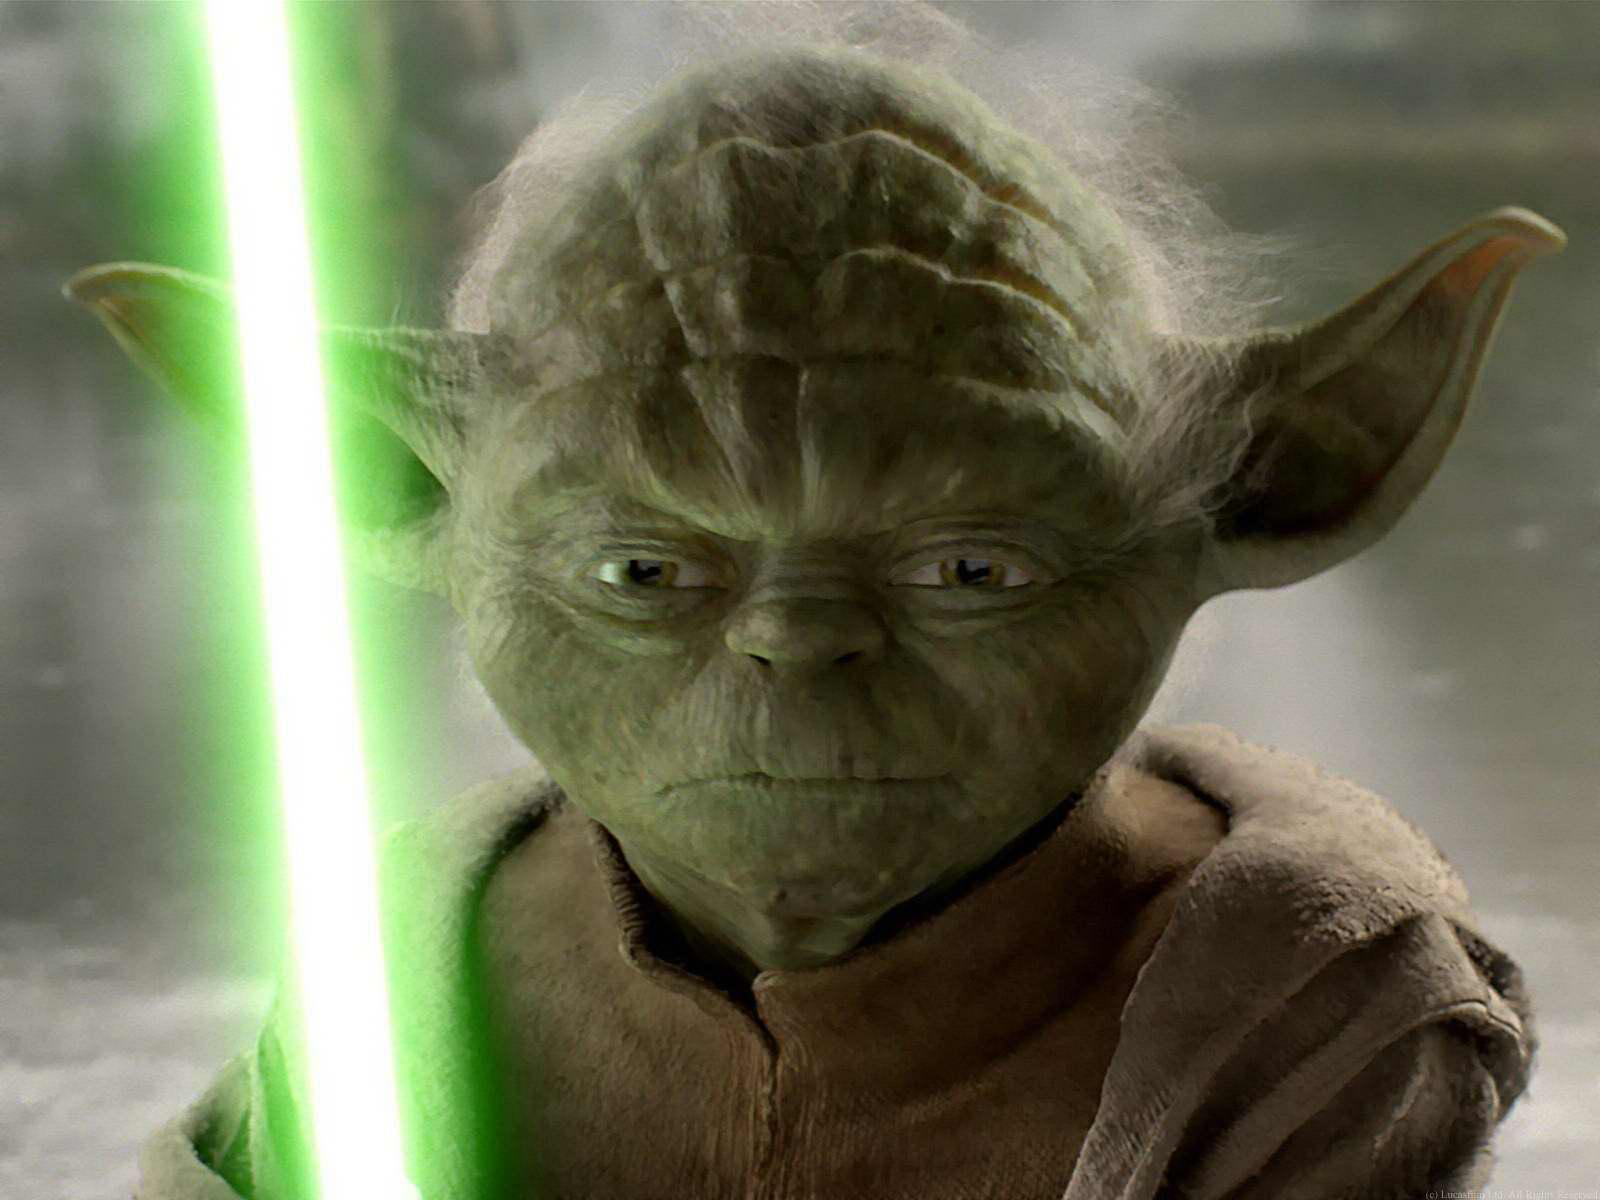 Kanos LayZBoy Theater 1 Darth Vader vs 2 Yoda